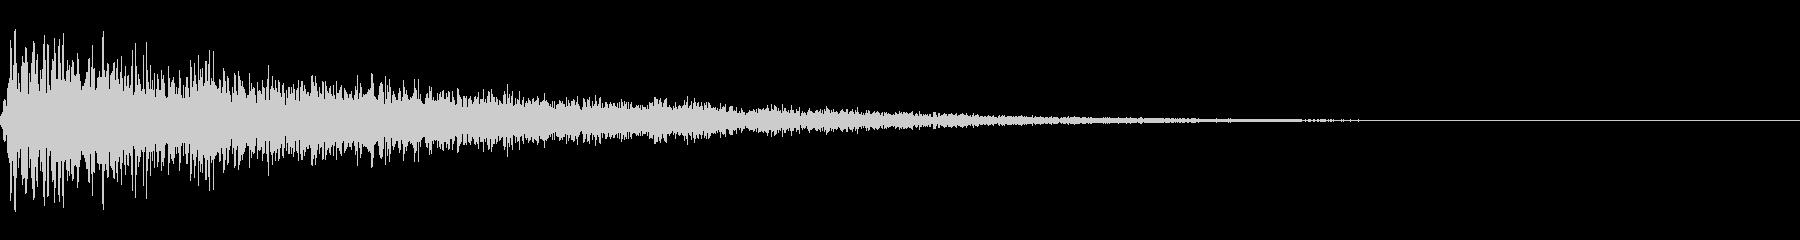 ゴージャスな決定音2の未再生の波形